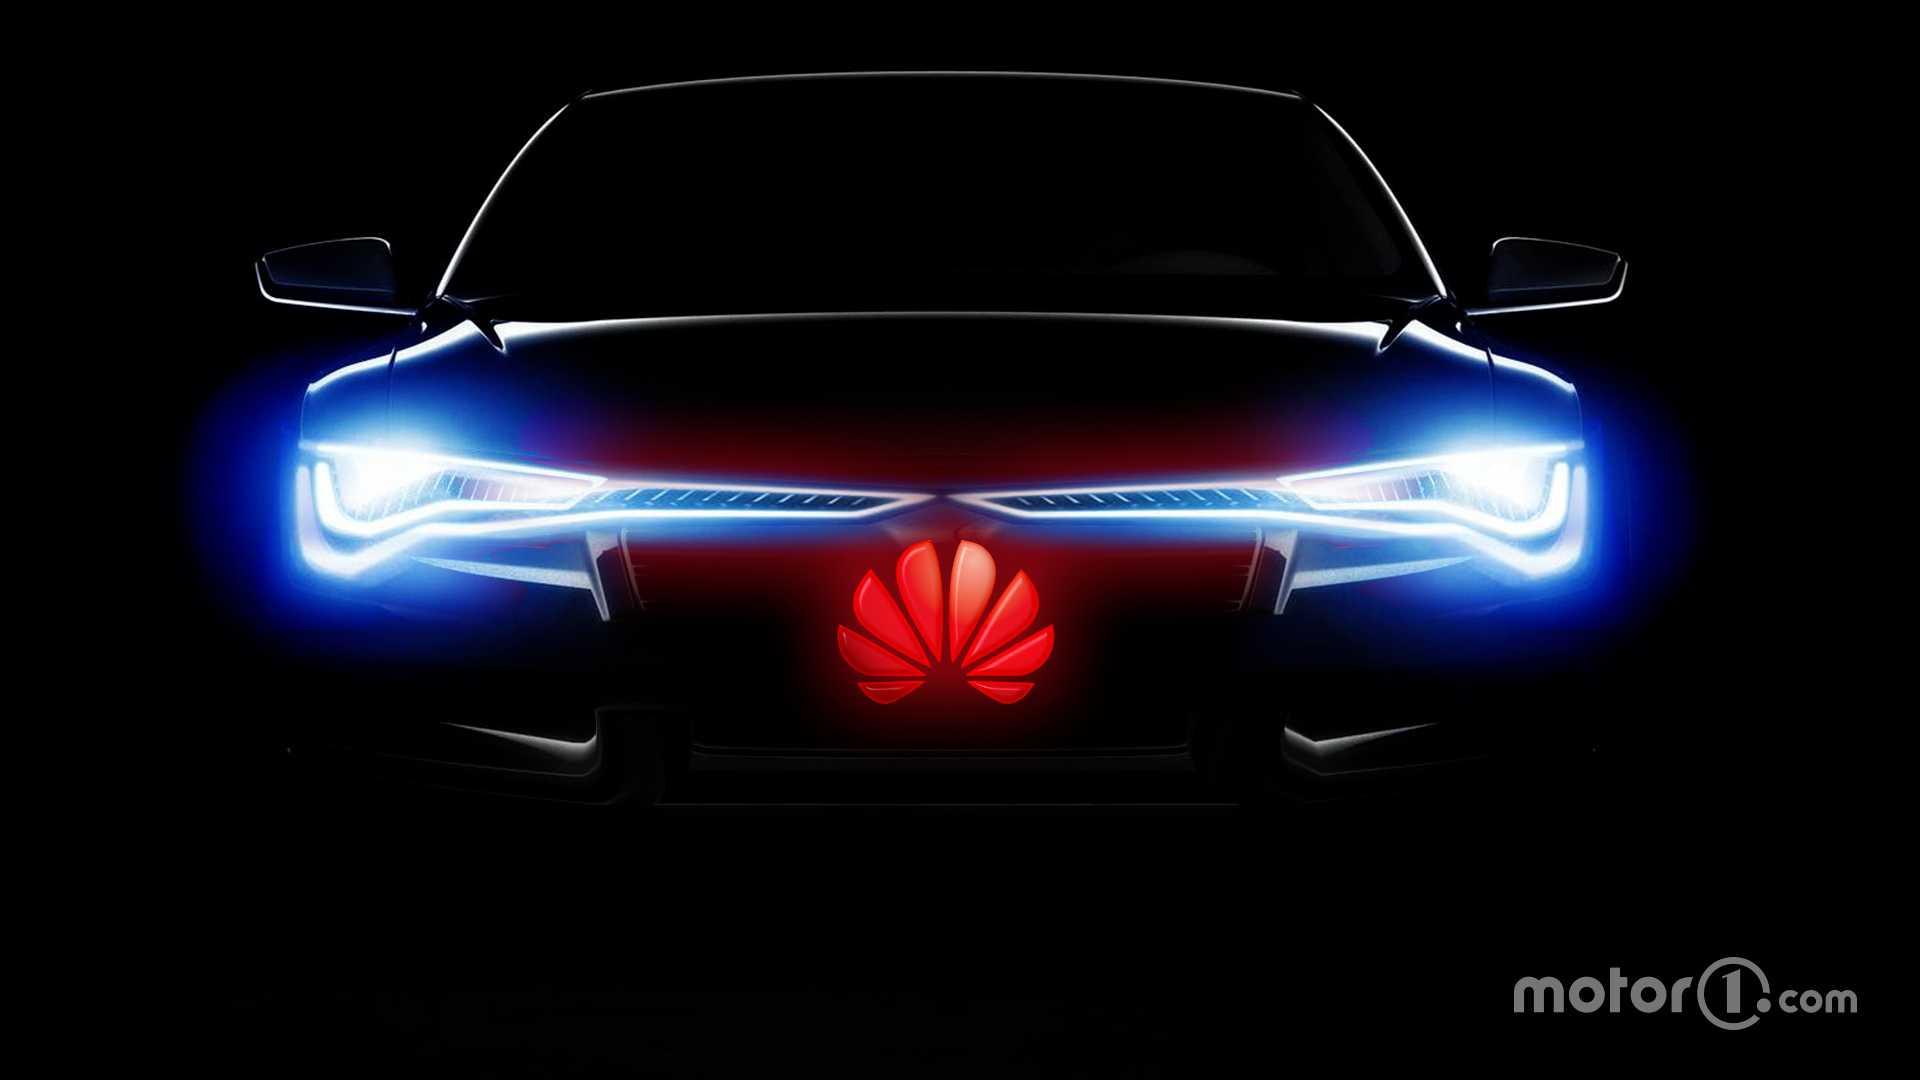 Bên cạnh những nhà sản xuất ô tô tập trung vào nền công nghiệp điện khí hóa thì các ông trùm công nghệ khổng lồ cũng gia nhập vào ngành ô tô đang chiếm lĩnh thị trường này. Ảnh: @AFP.